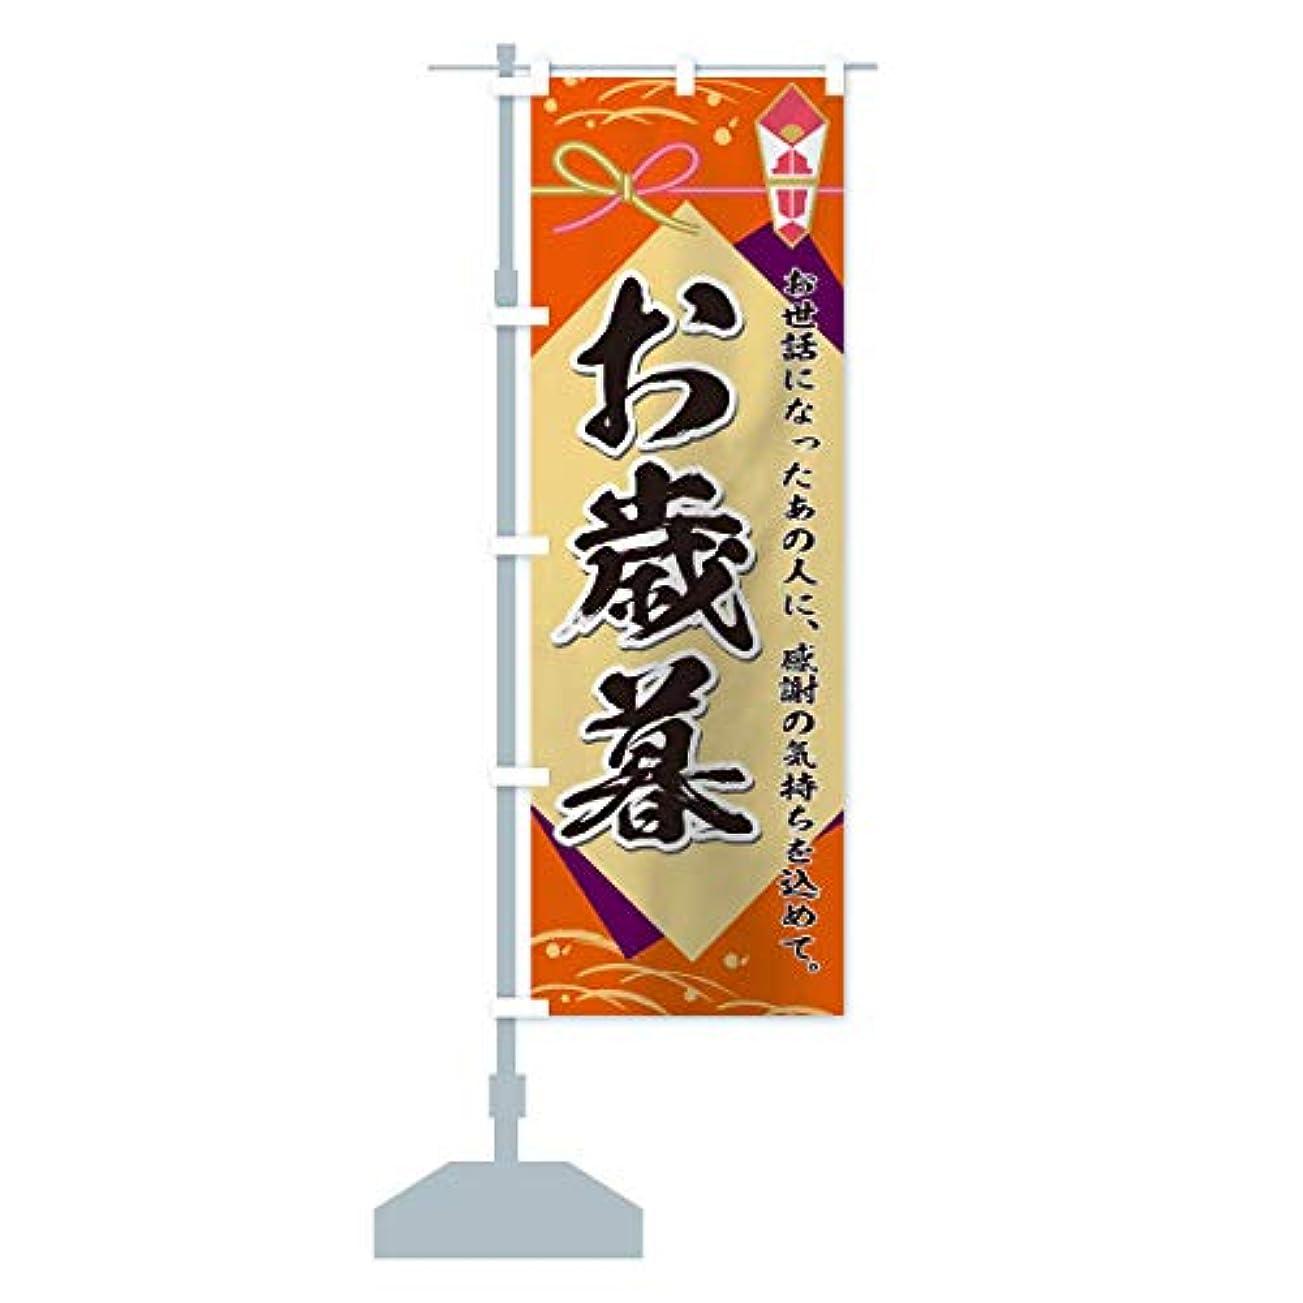 動物ファーザーファージュリンケージお歳暮 のぼり旗(レギュラー60x180cm 左チチ 標準)